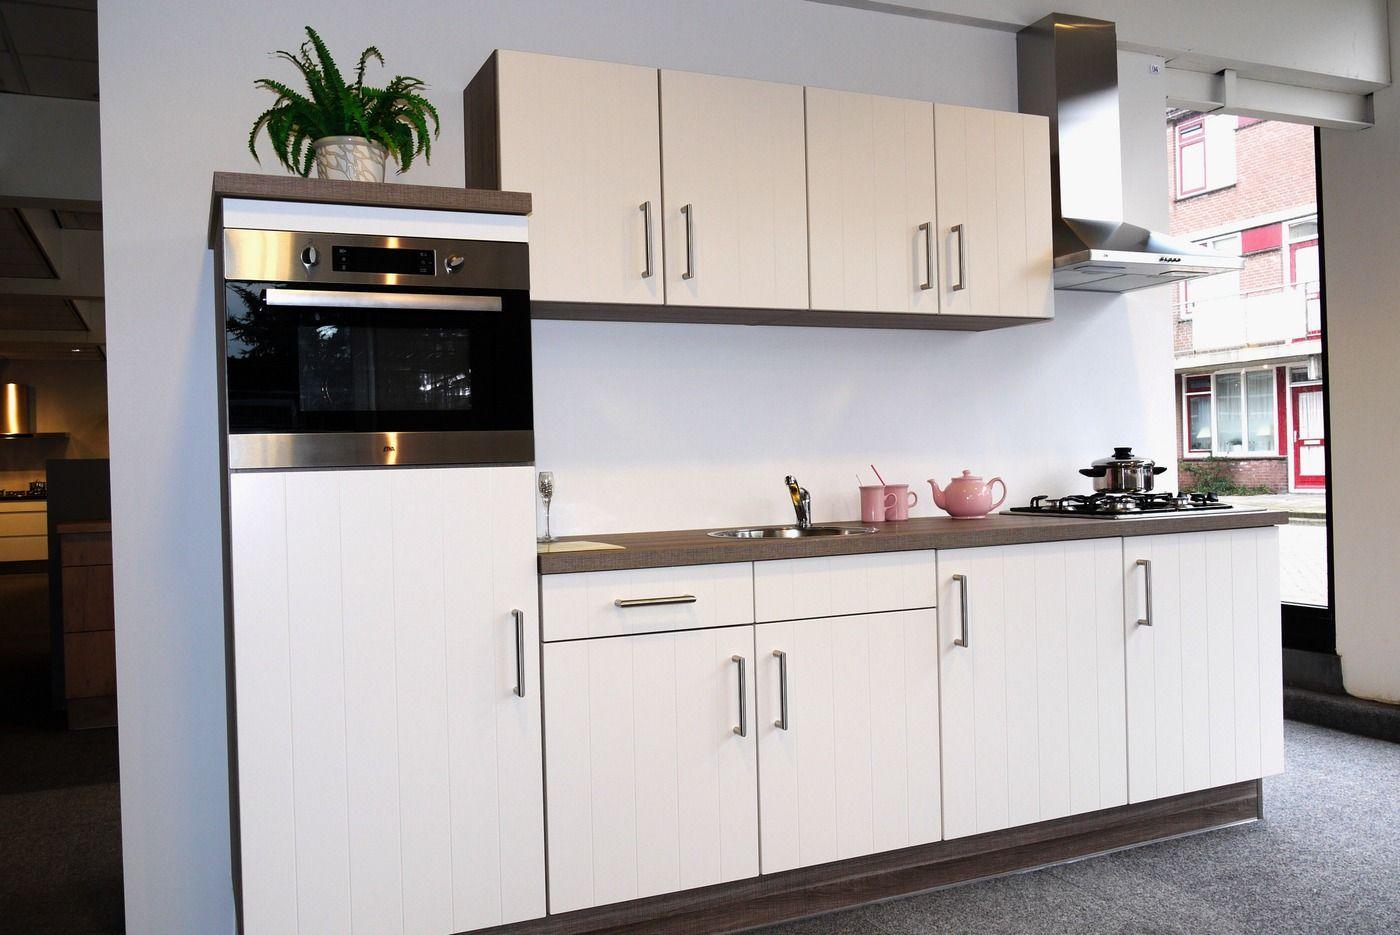 Keukens Modern Prijs : Showroomkeukens be Alle Showroomkeuken aanbiedingen uit